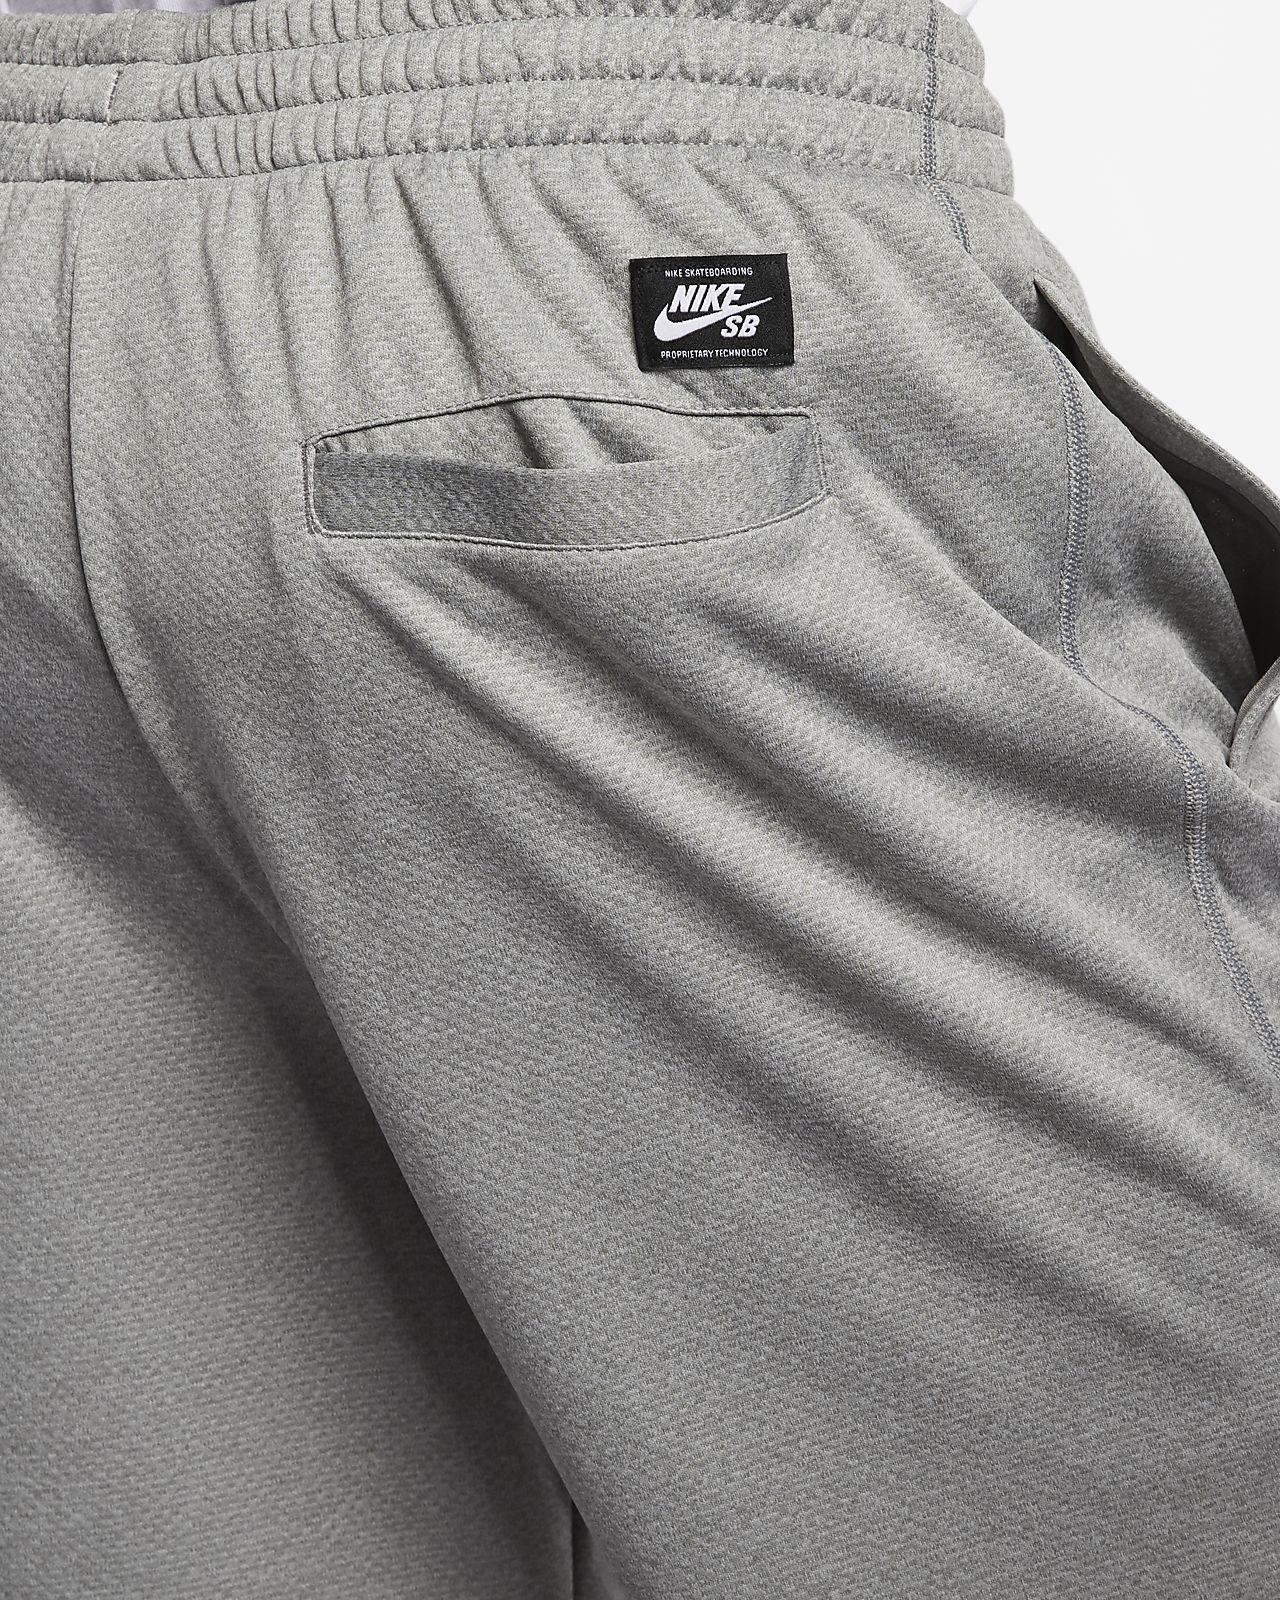 5578f6fd5 Nike SB Dri-FIT Sunday Men's Skate Shorts. Nike.com AU